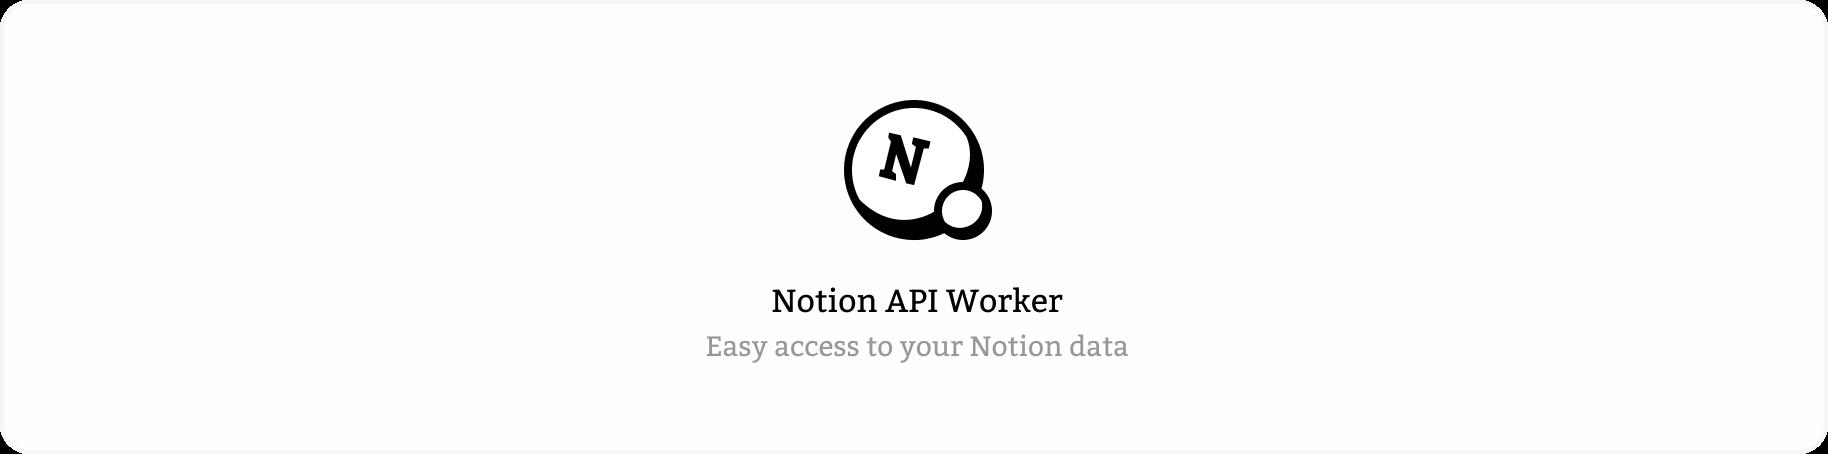 splitbee/notion-api-worker